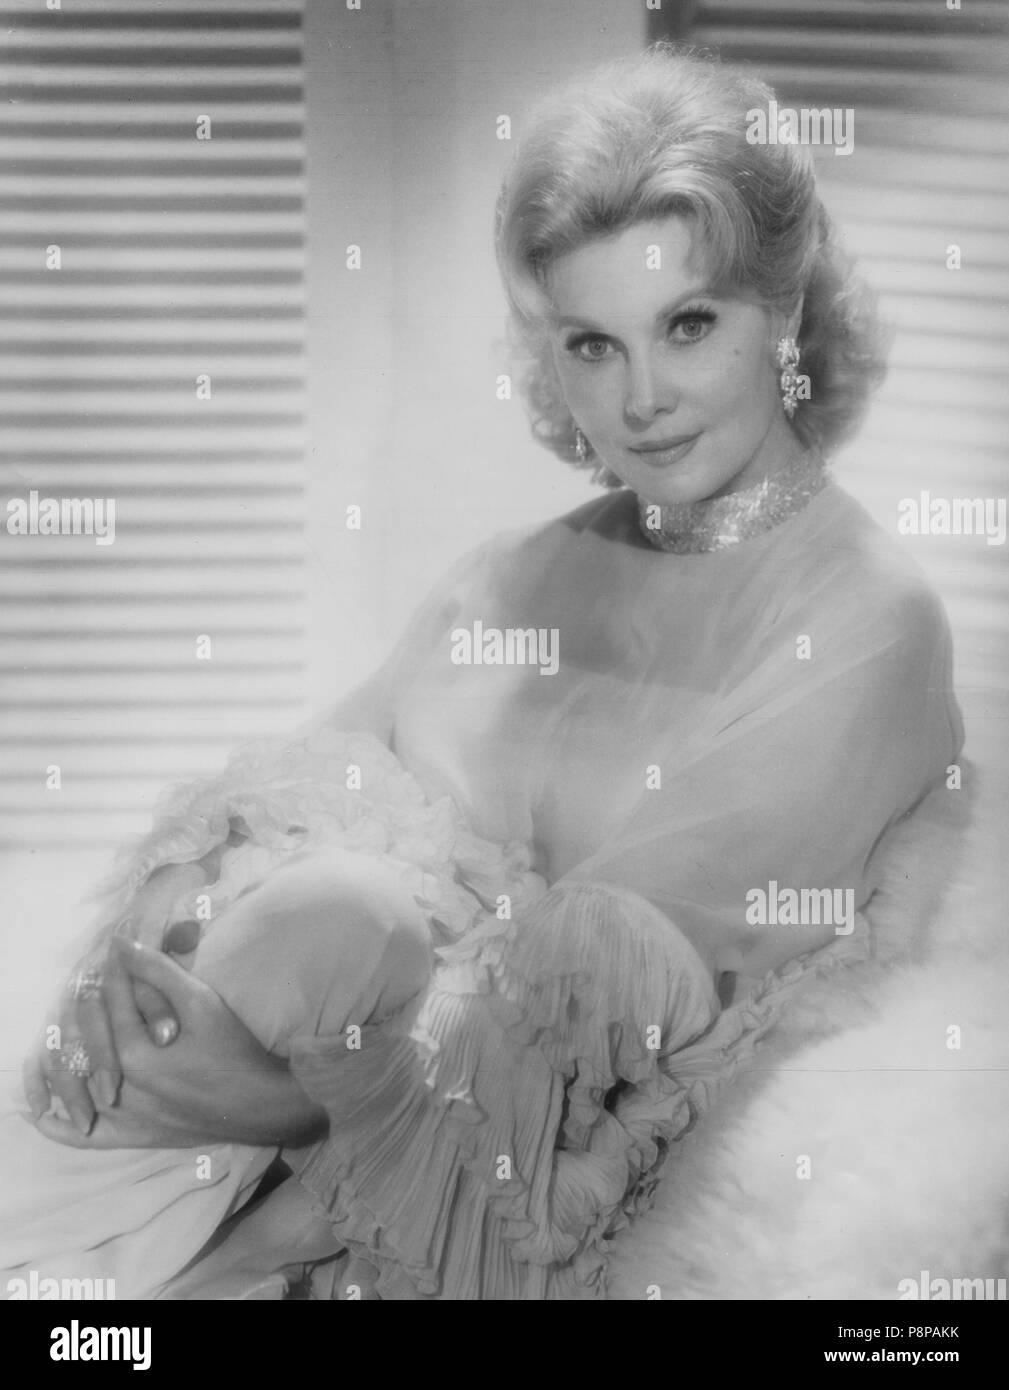 rhonda fleming, 60s - Stock Image